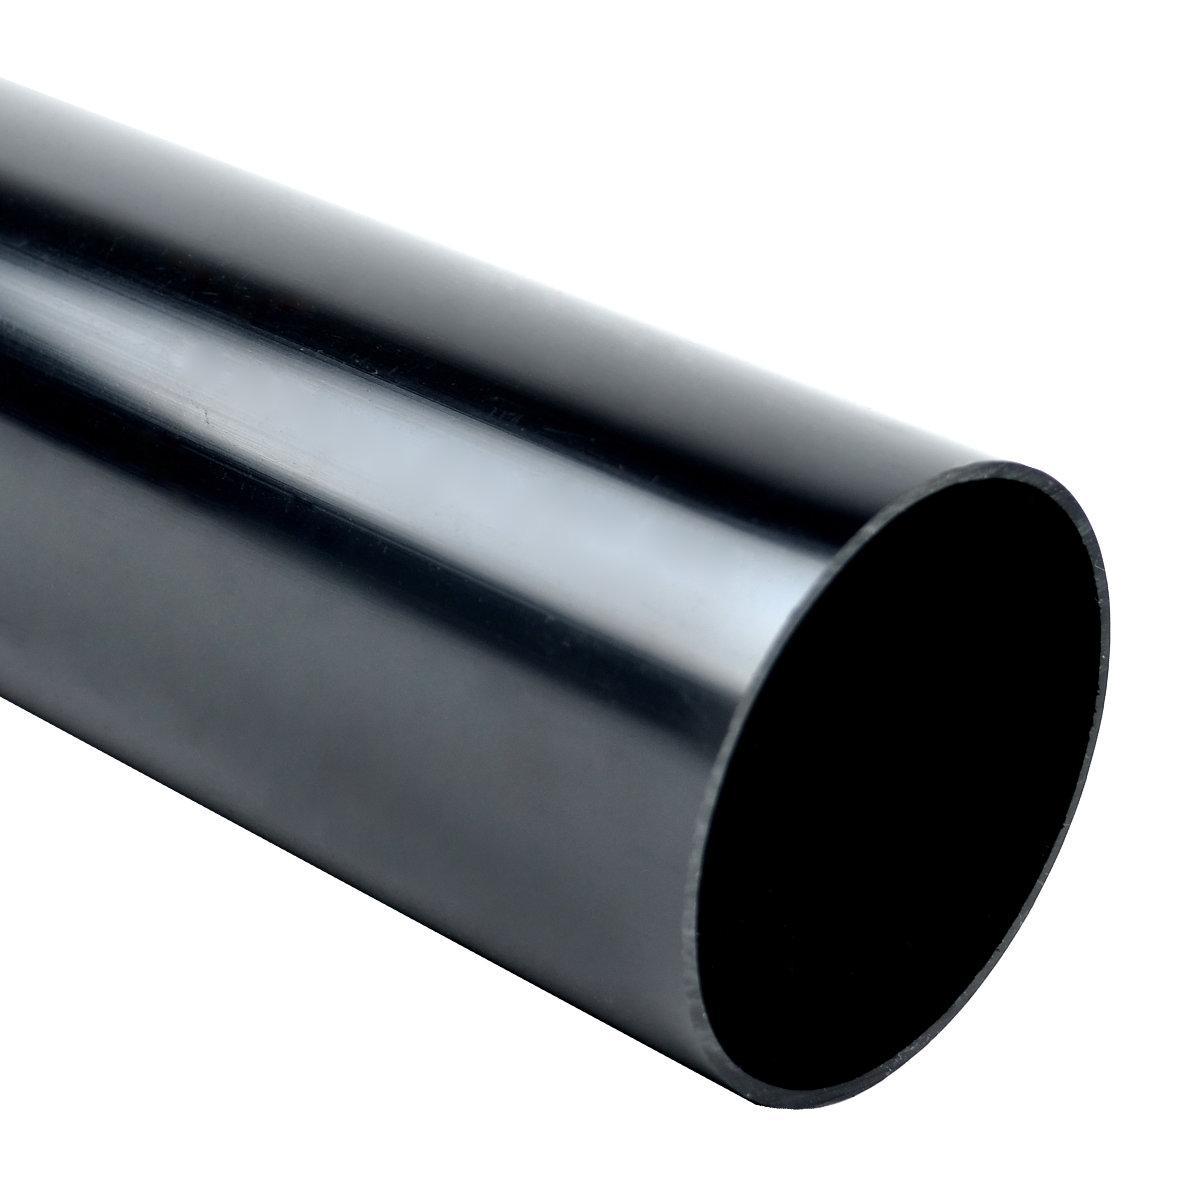 Труба жорстка 320 N/5см з раструбом для з'єднання; Ø50ммУФ-стійкі; полікарбонат; безгалогенна; t застосування -45-90 °с; чорна; Упаковка 30 шт